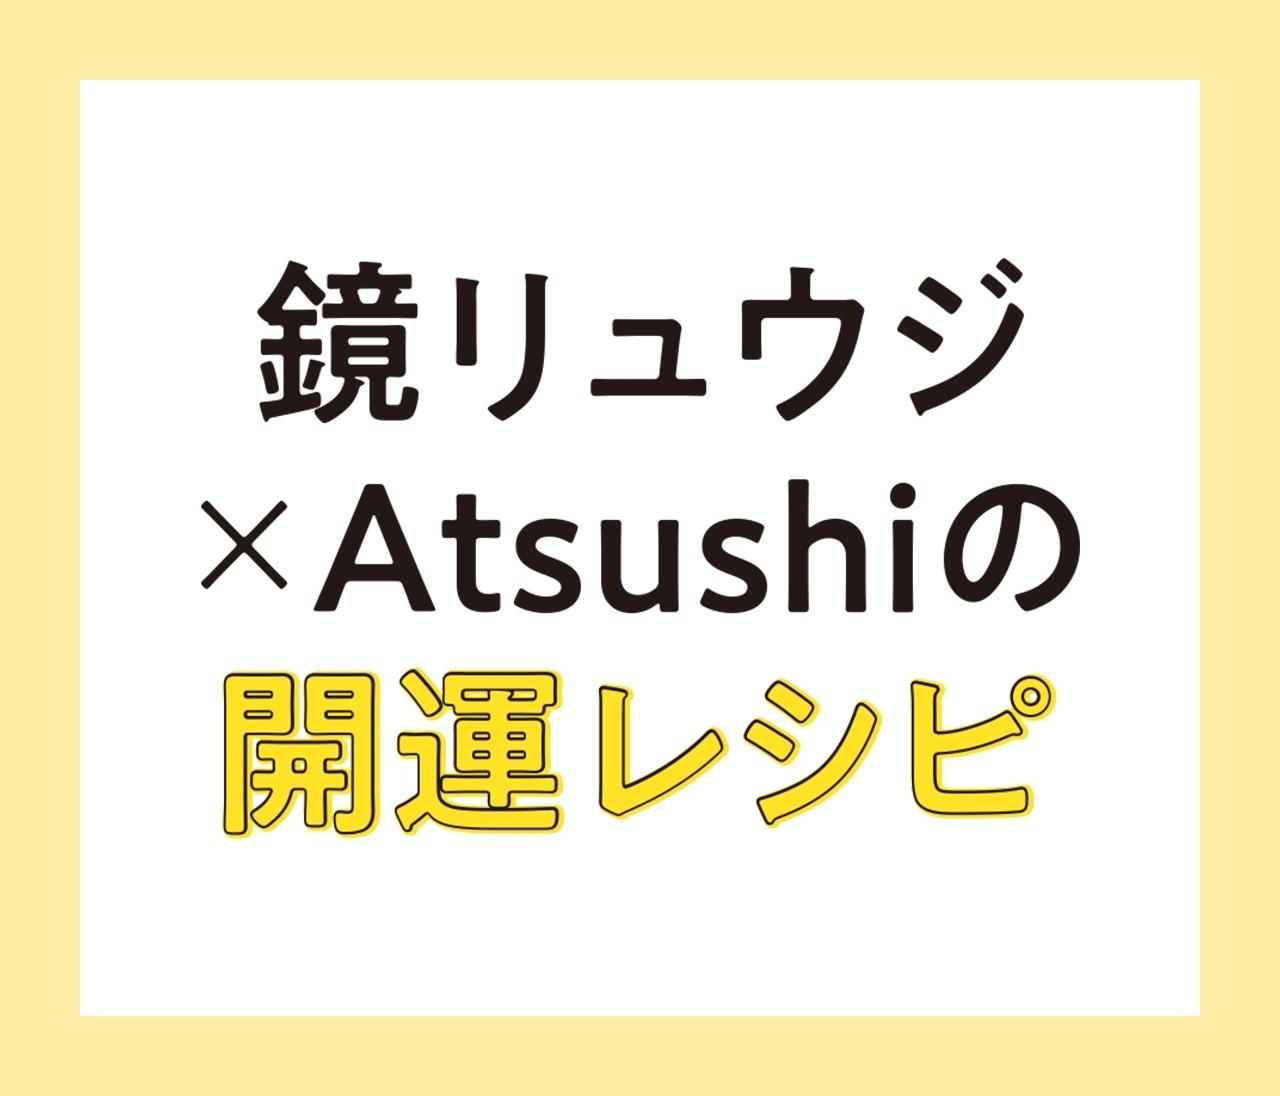 """【鏡リュウジ ×Atsushiの開運レシピ】""""食""""で運気が上がるってホント!?"""